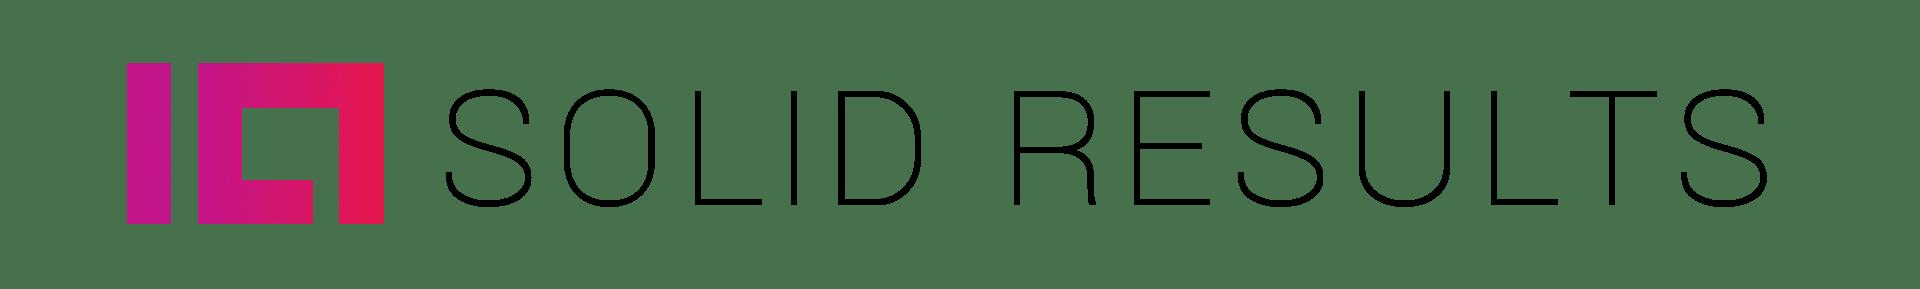 Het Beste Off- En Online Reclamebureau Van Noord-Brabant